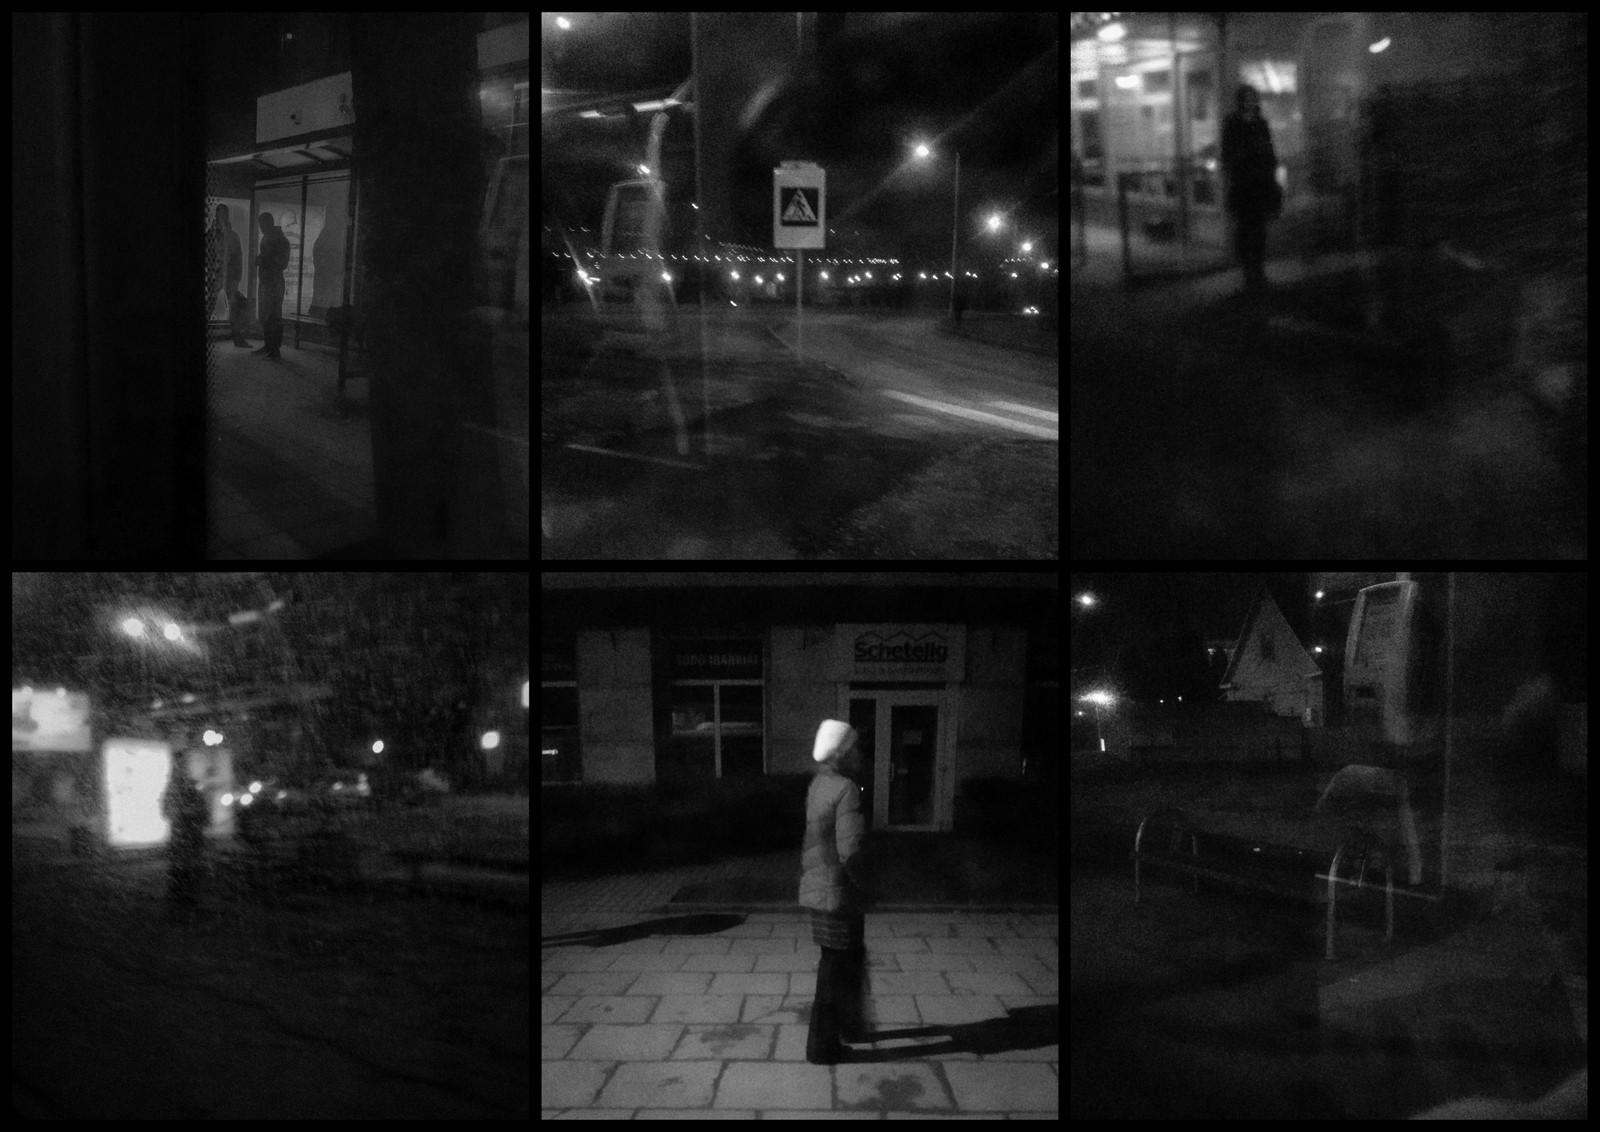 Naktinės Kauno stotelės